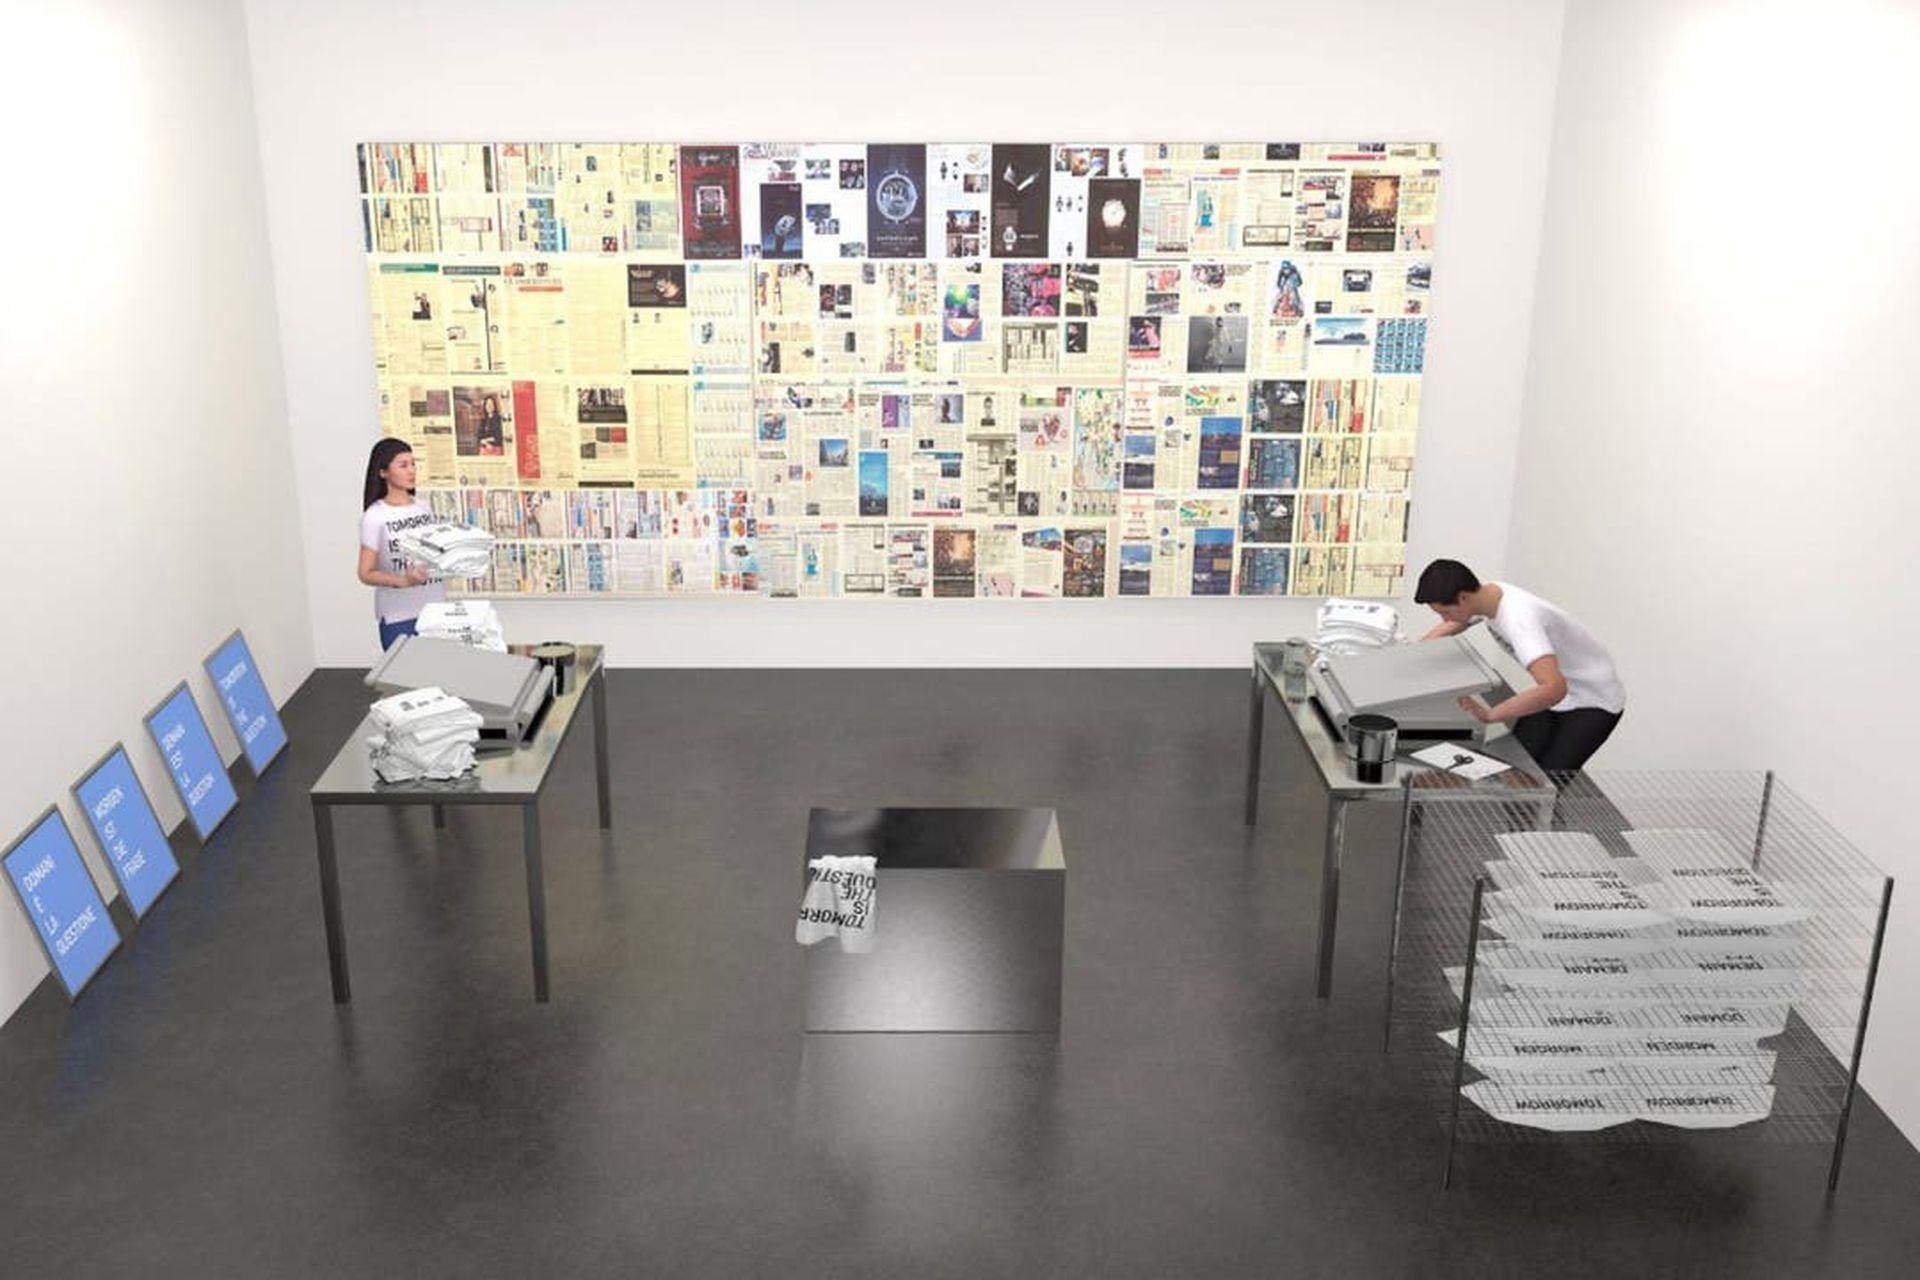 Render de la acción colectiva realizada durante Art Basel OVR, transmitida en streaming e impulsada por la galería Neugerriemschneider